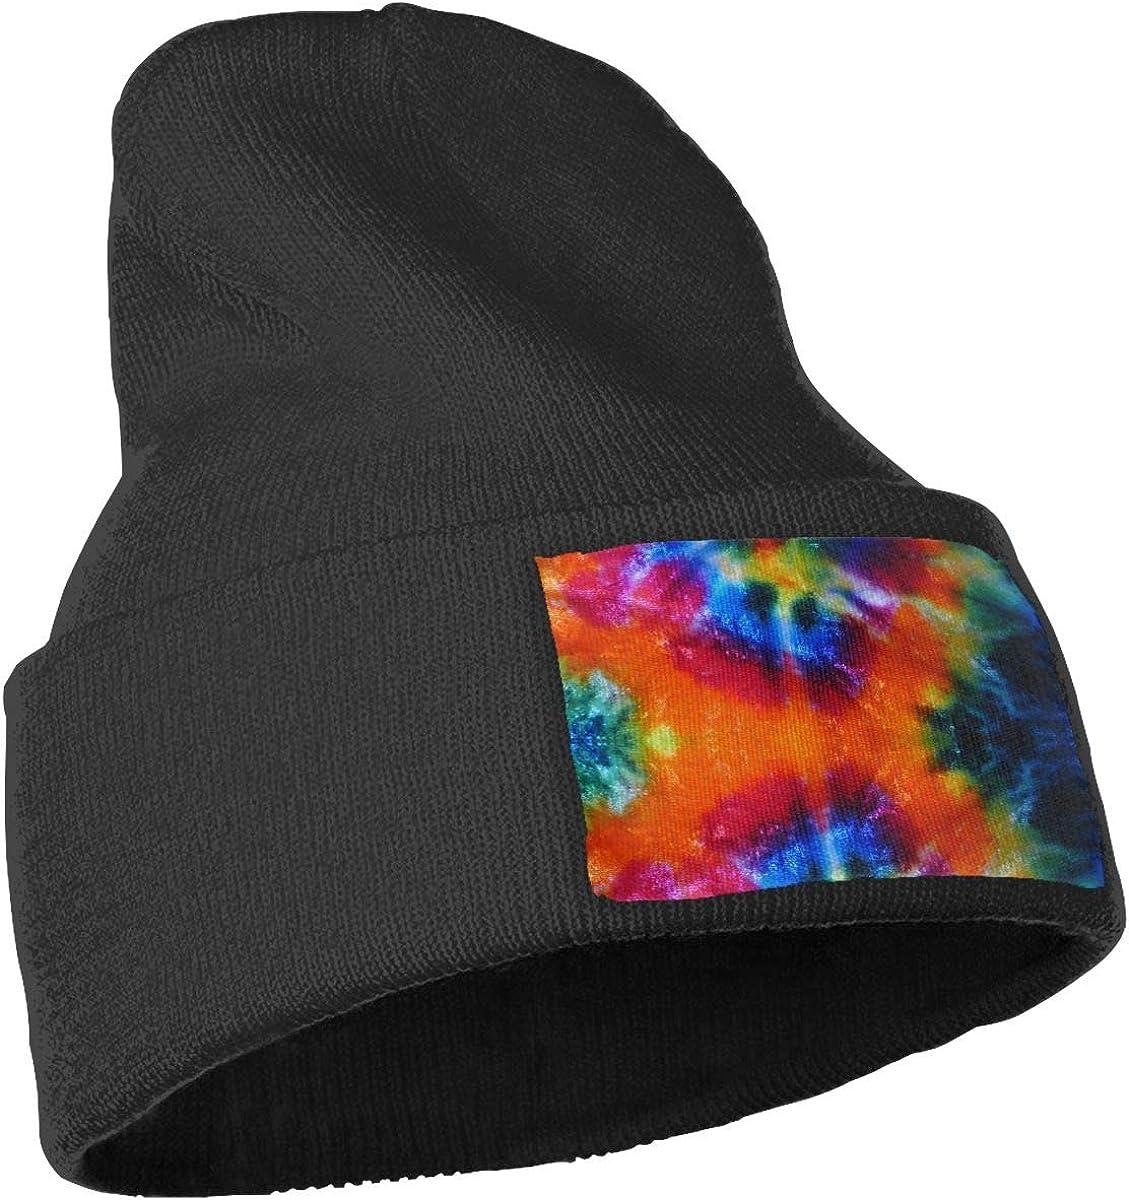 Fashion Art Design Tie-dye Cuffed Plain Baggy Winter Skull Knit Hat Cap Slouchy Beanie Hat for Men /& Women